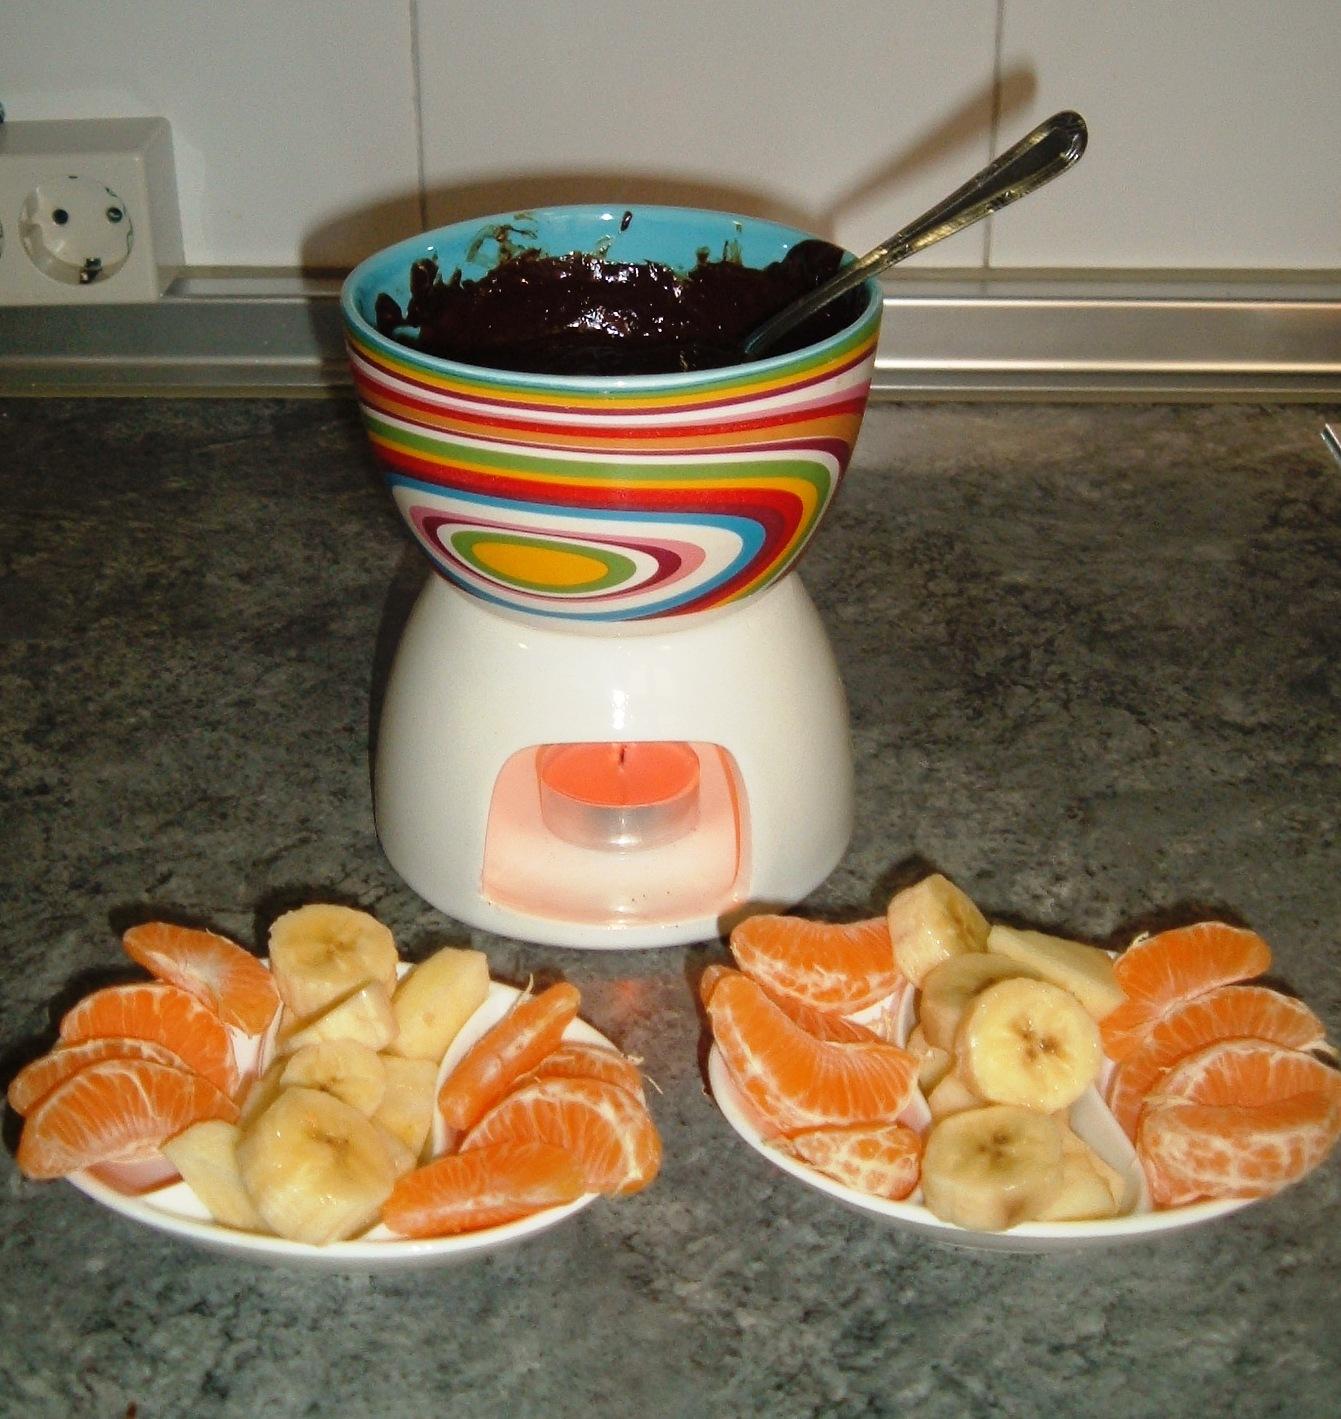 Las recetas caseras de may fondue de chocolate - Fondue de chocolate ...